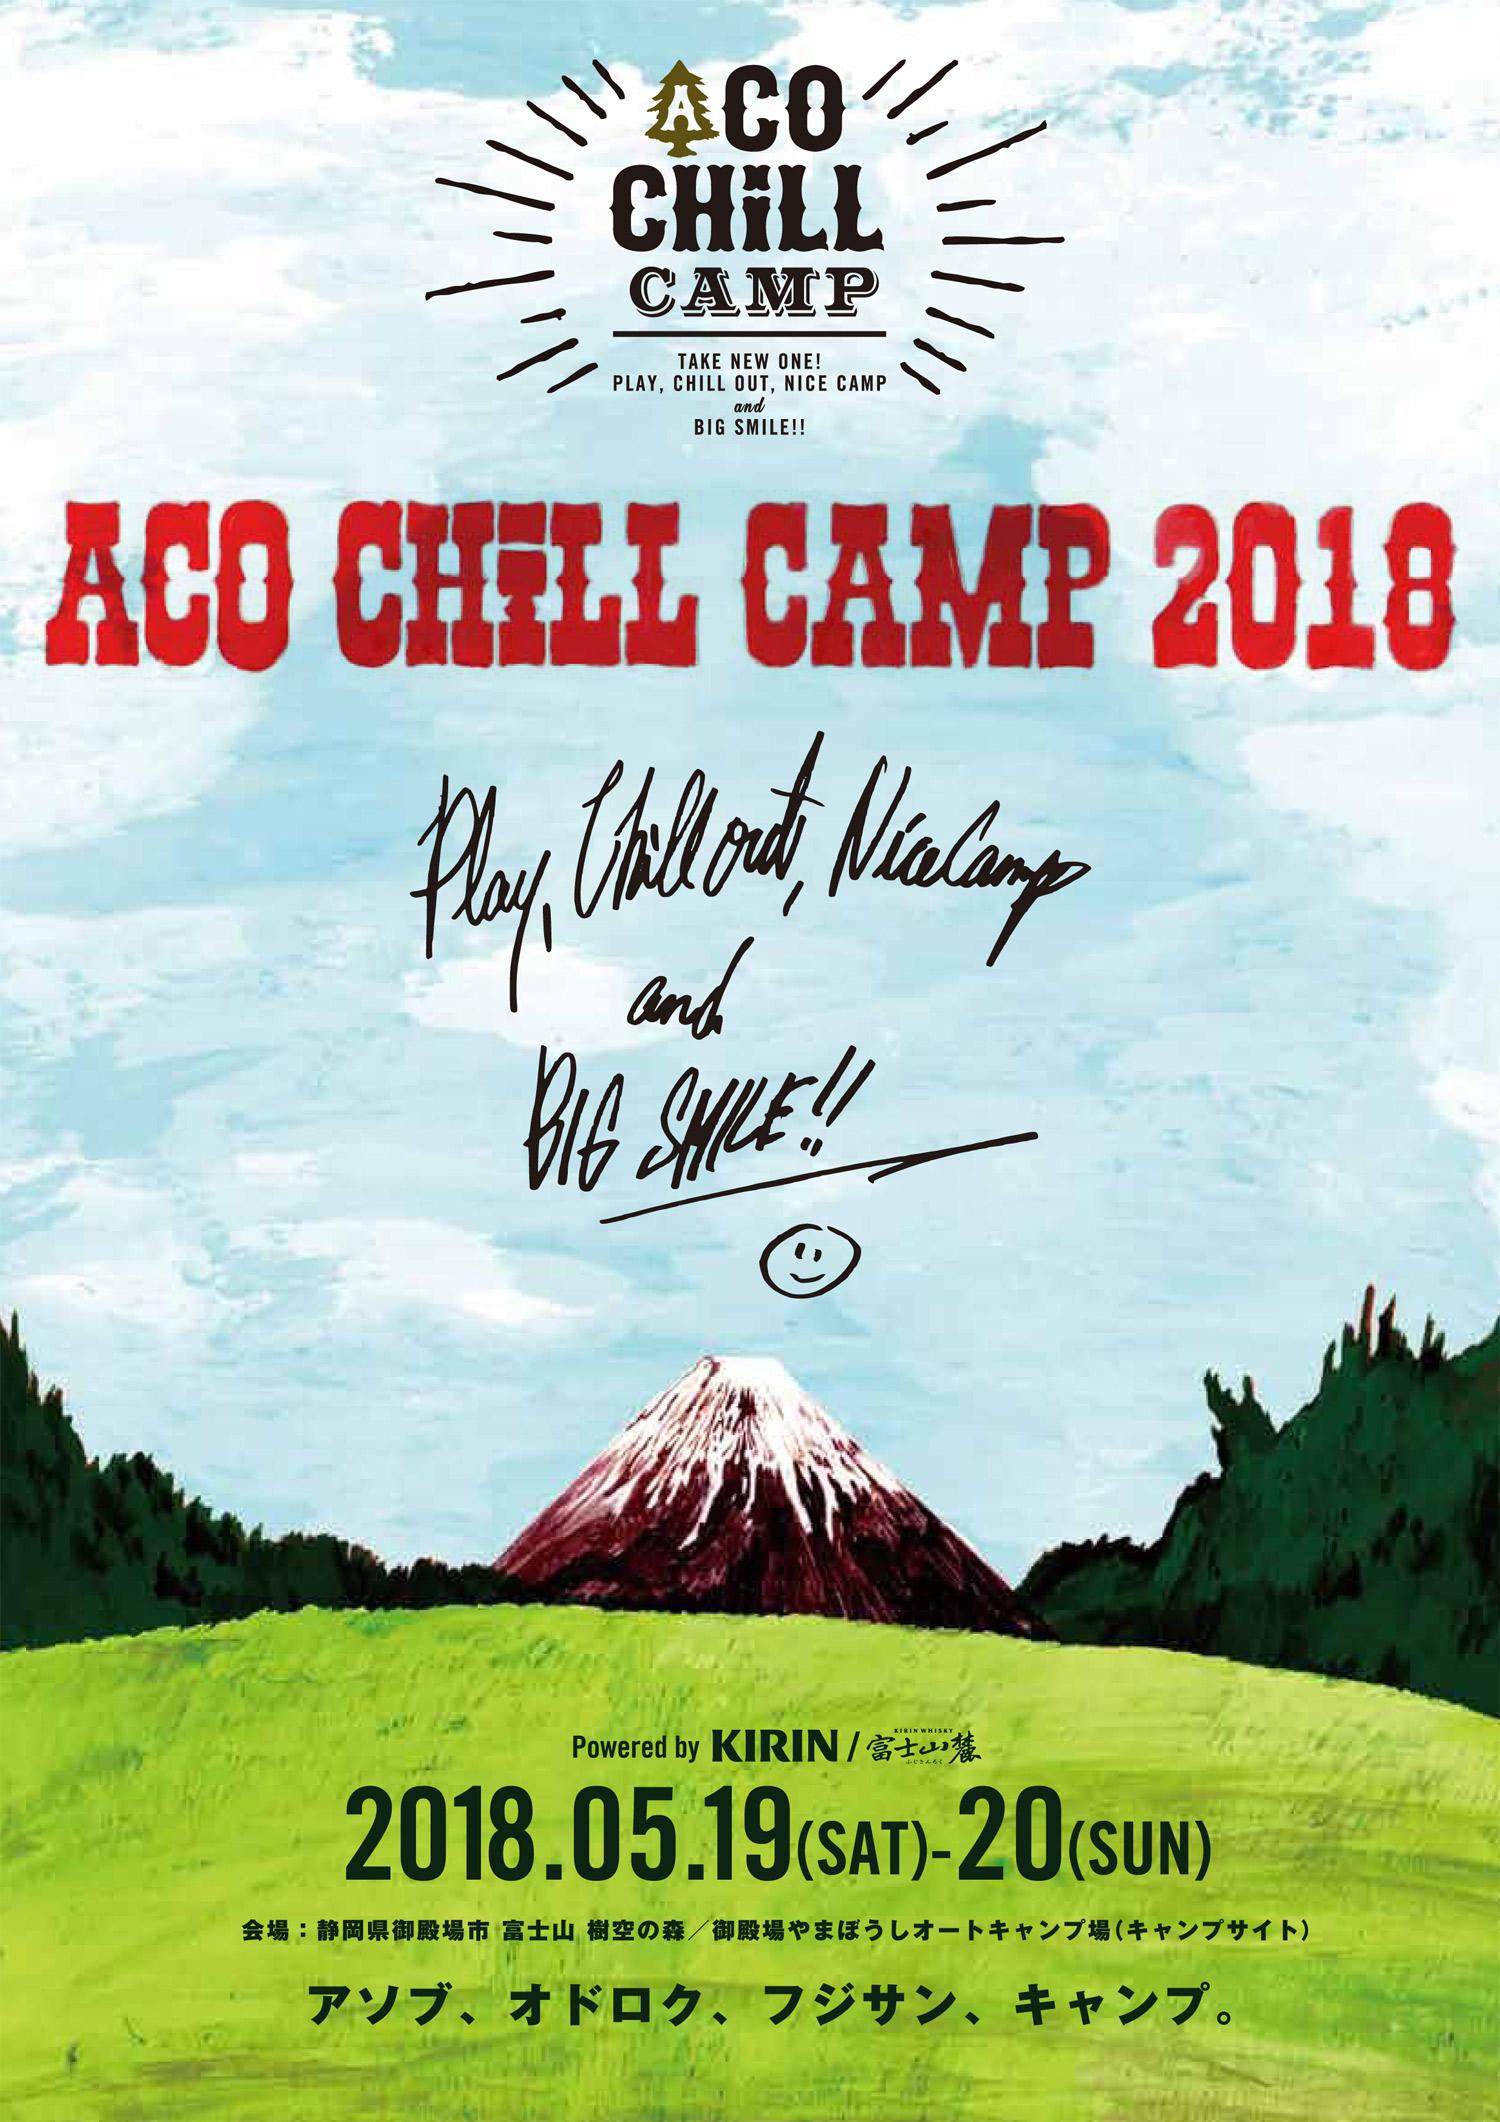 ACO CHiLL CAMP 2018 開催決定!